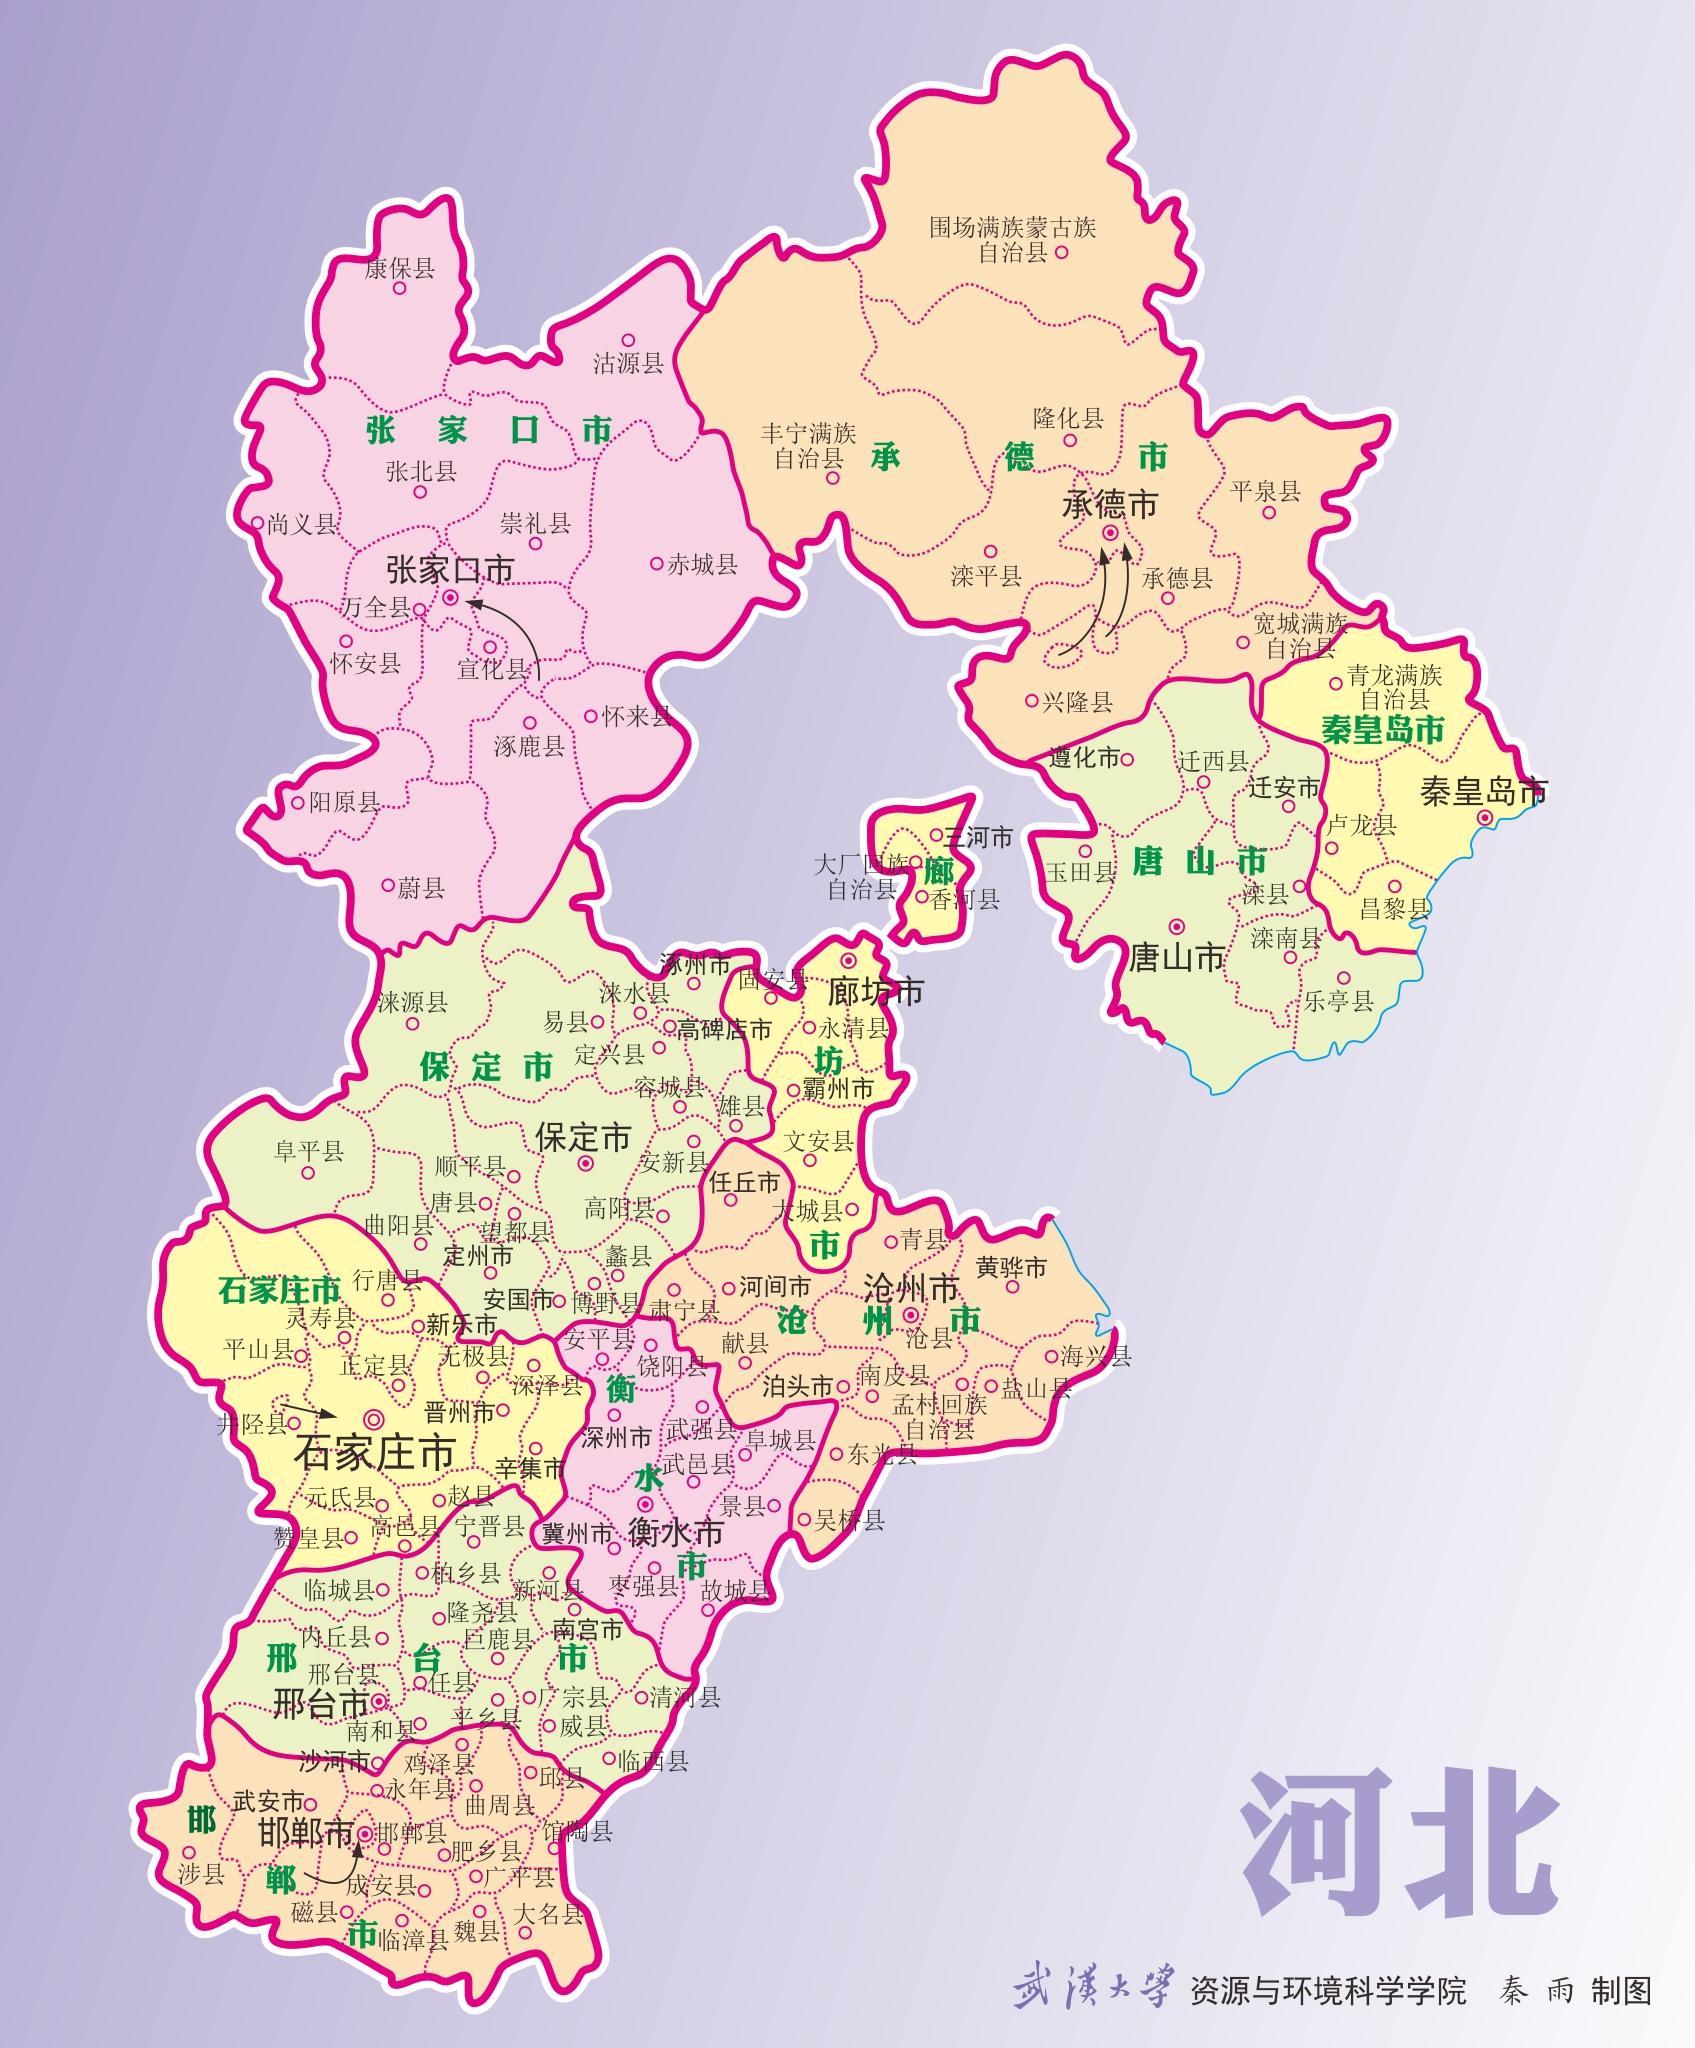 河北下辖石家庄,唐山,秦皇岛,邯郸,邢台,保定,张家口,承德,沧州,廊坊